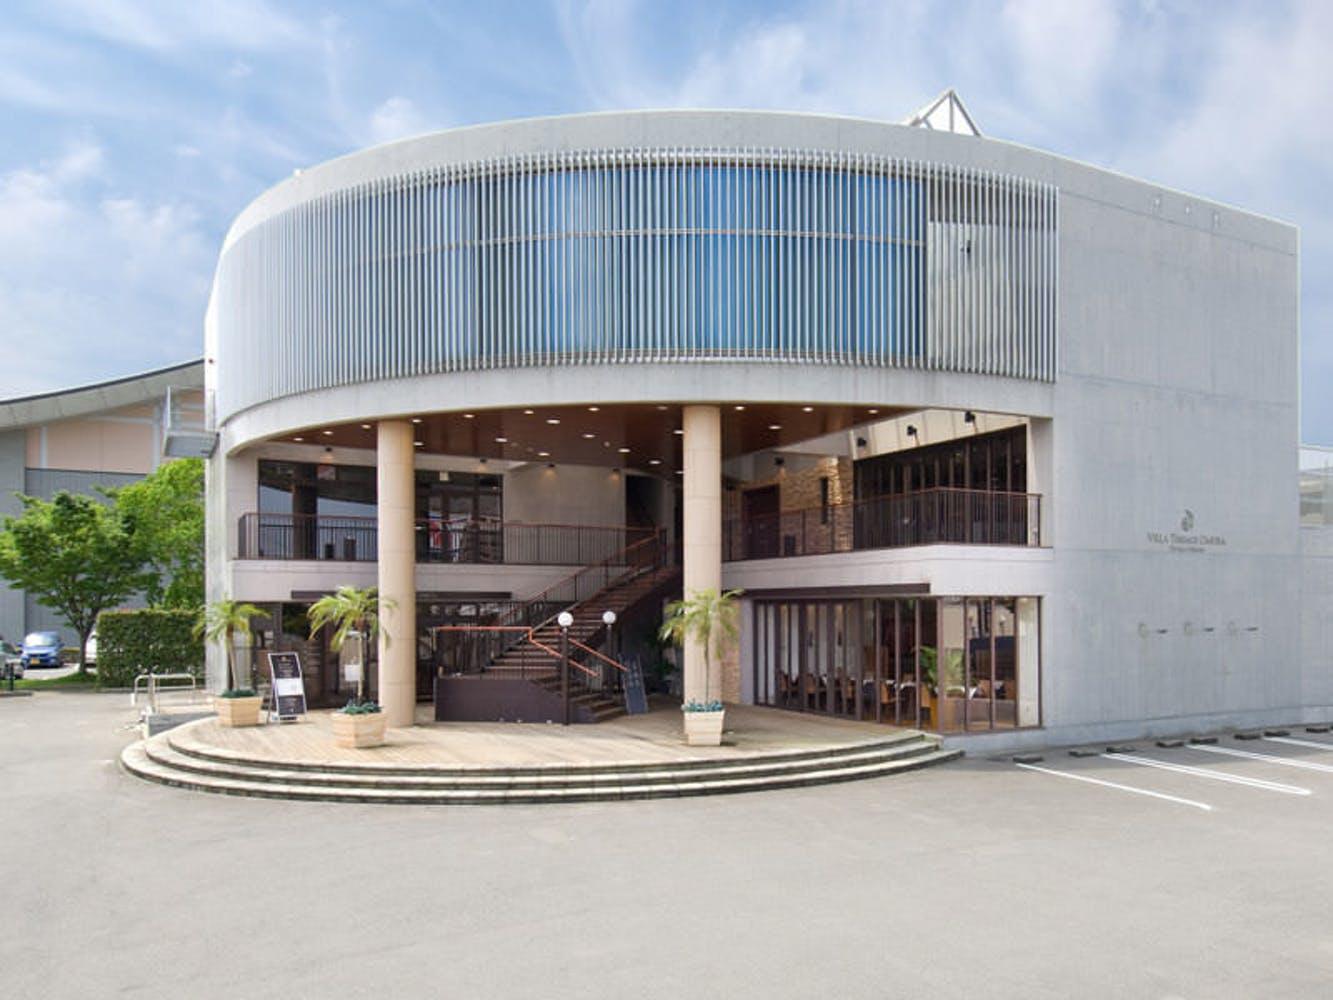 ヴィラテラス大村ホテル&リゾート 写真1